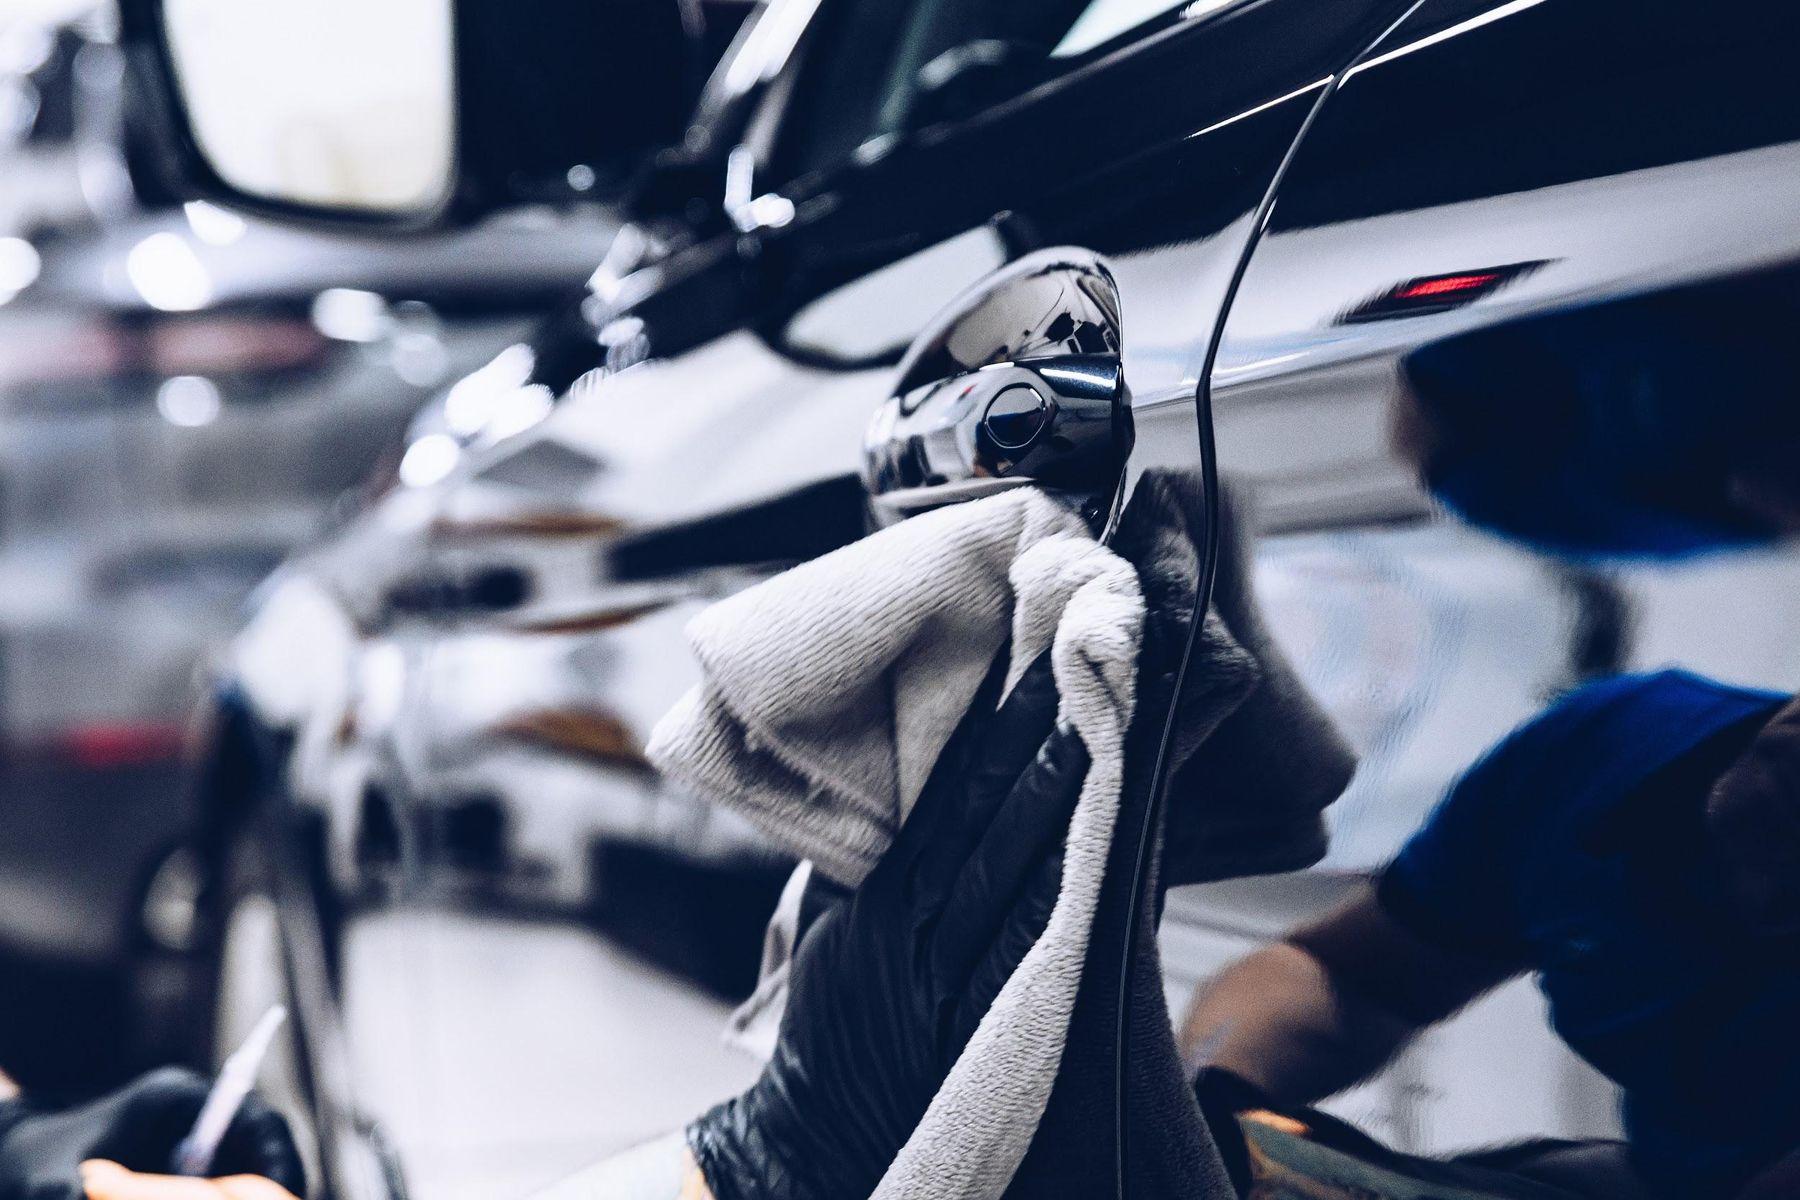 Mão passa pano de polimento na lataria de um carro